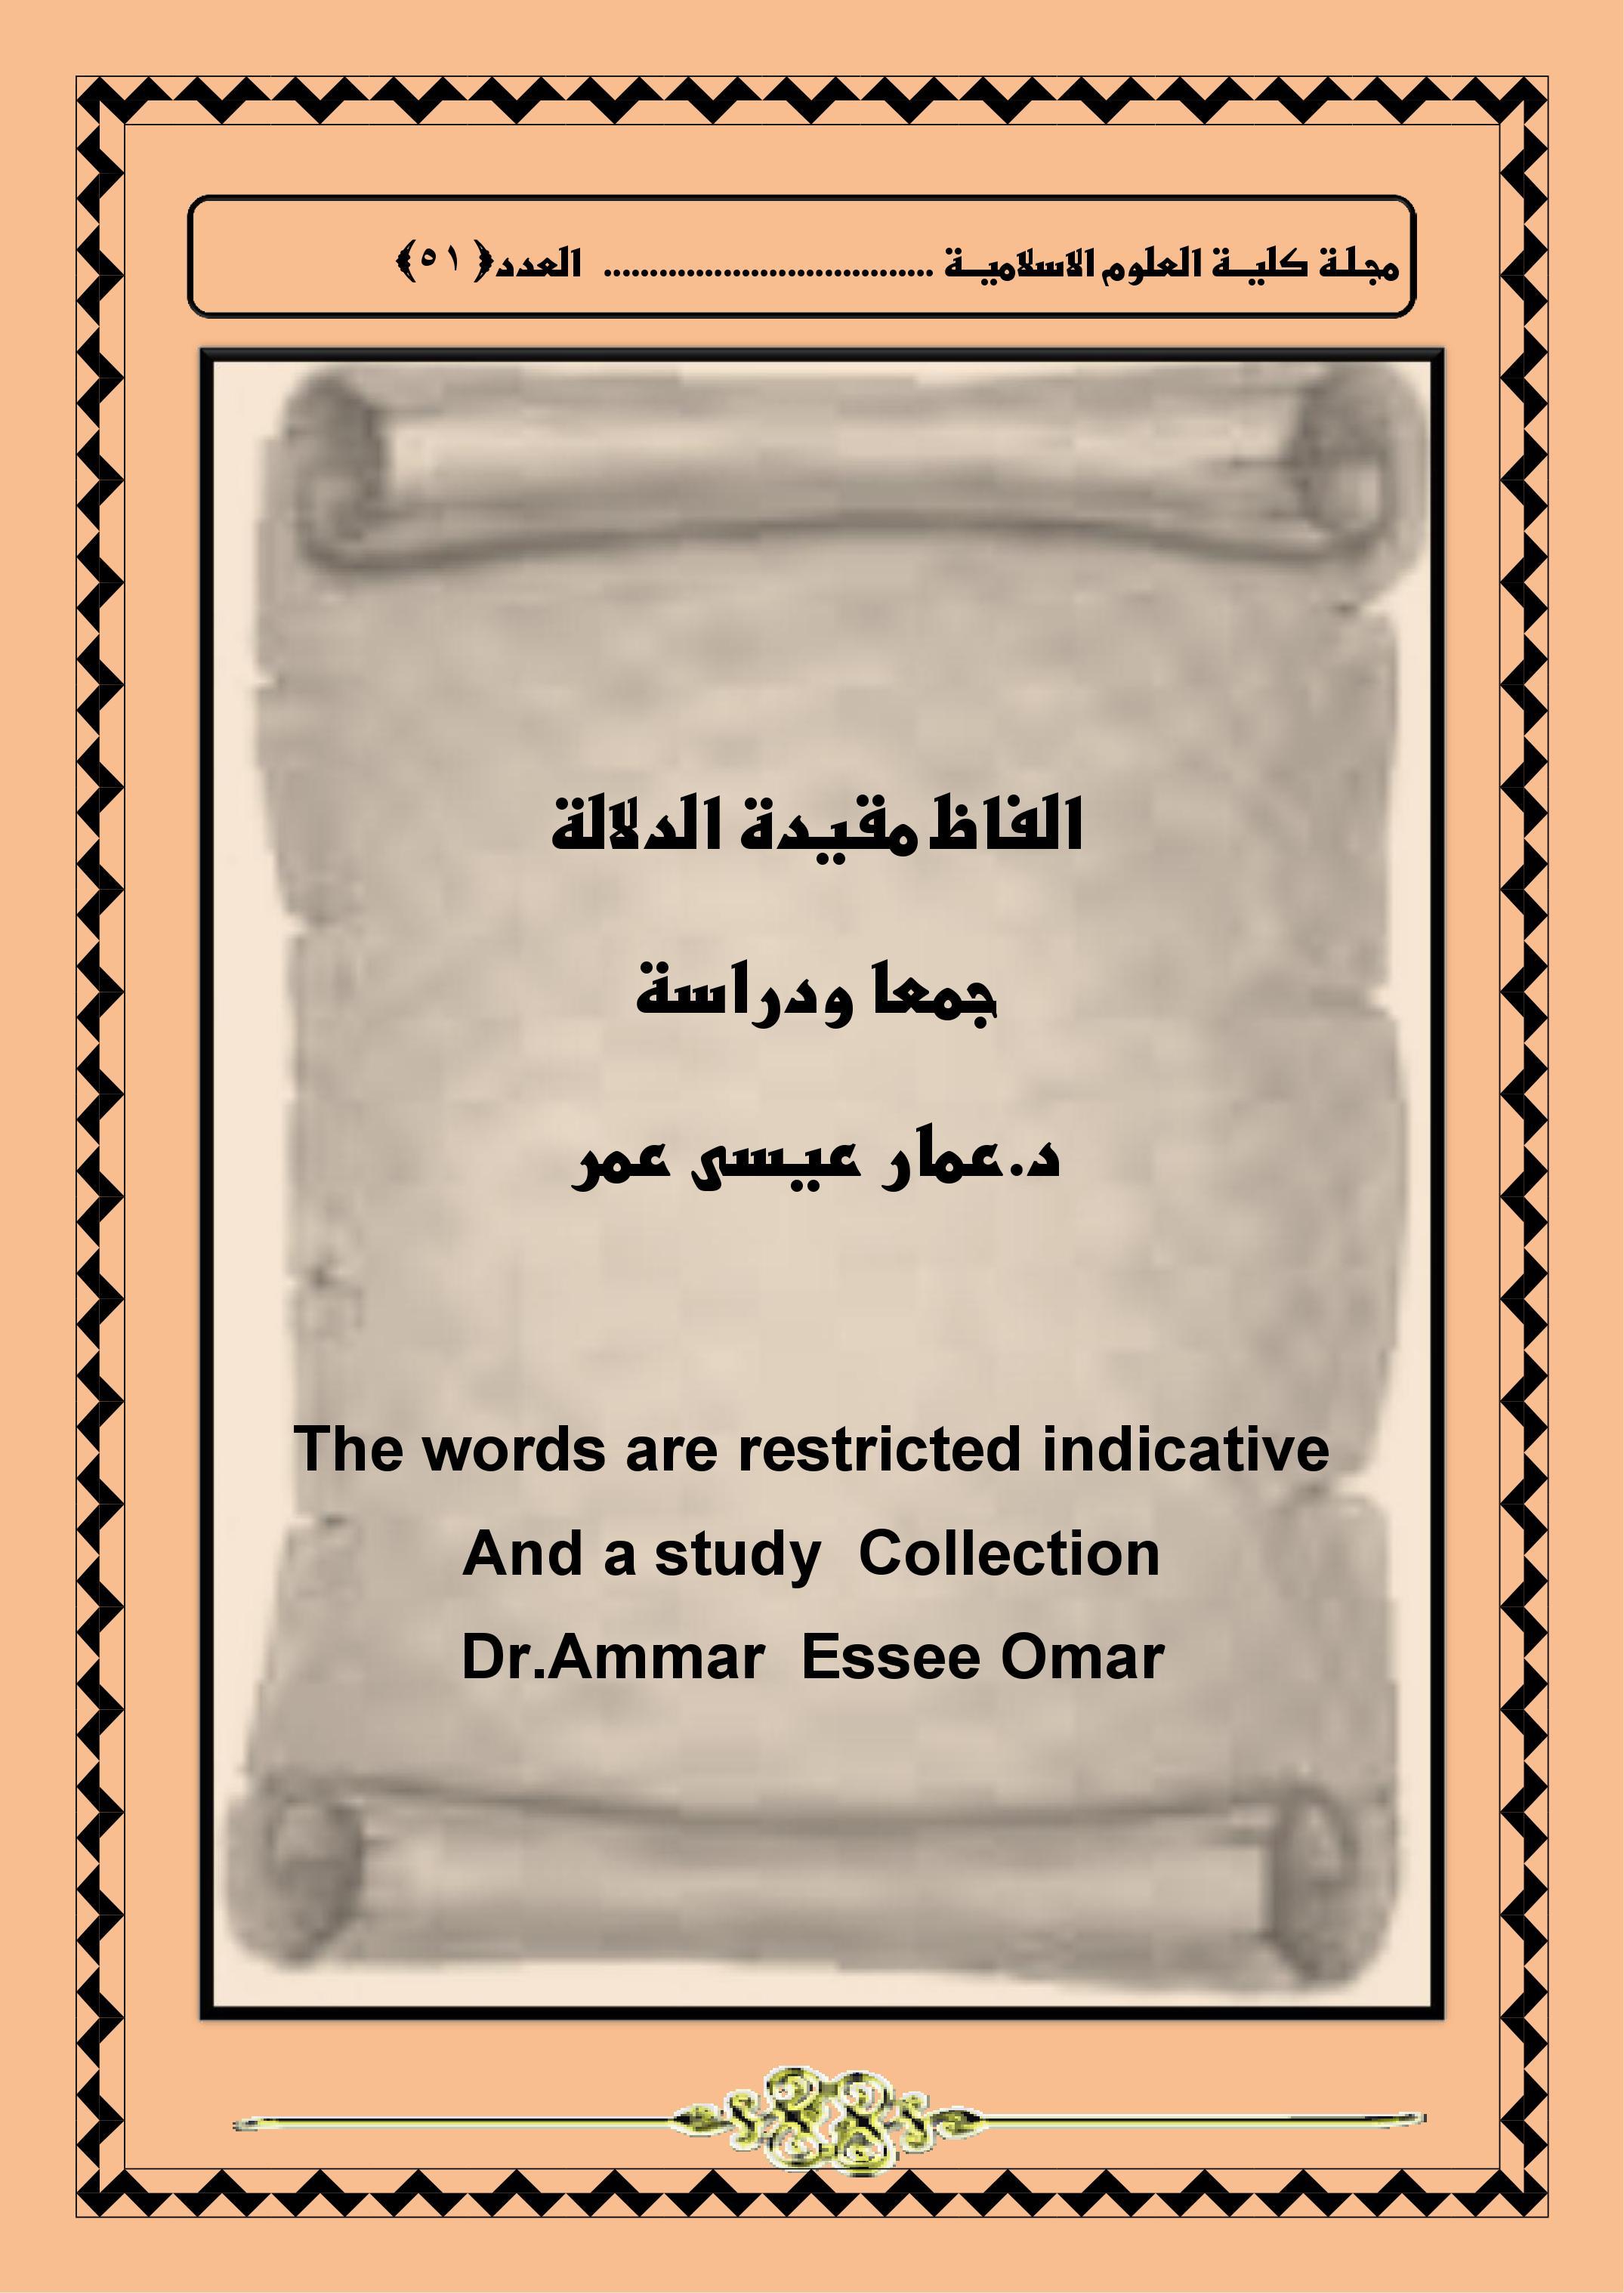 الفاظ مقيدة الدلالة جمعا ودراسة